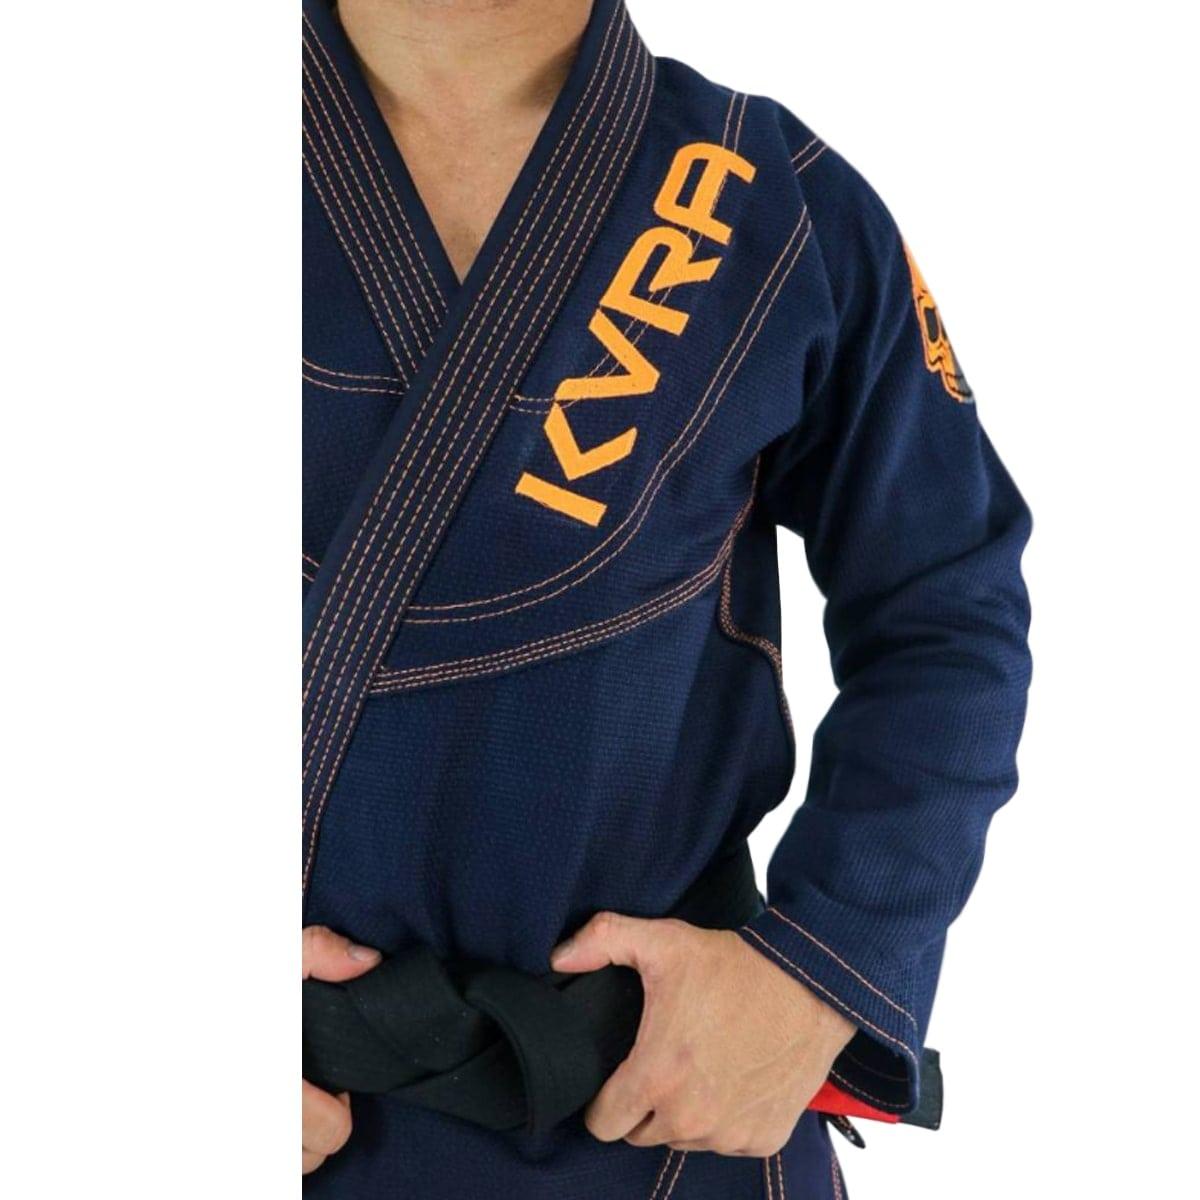 Kimono Jiu-Jitsu Adulto Kvra Shadow - Azul Marinho